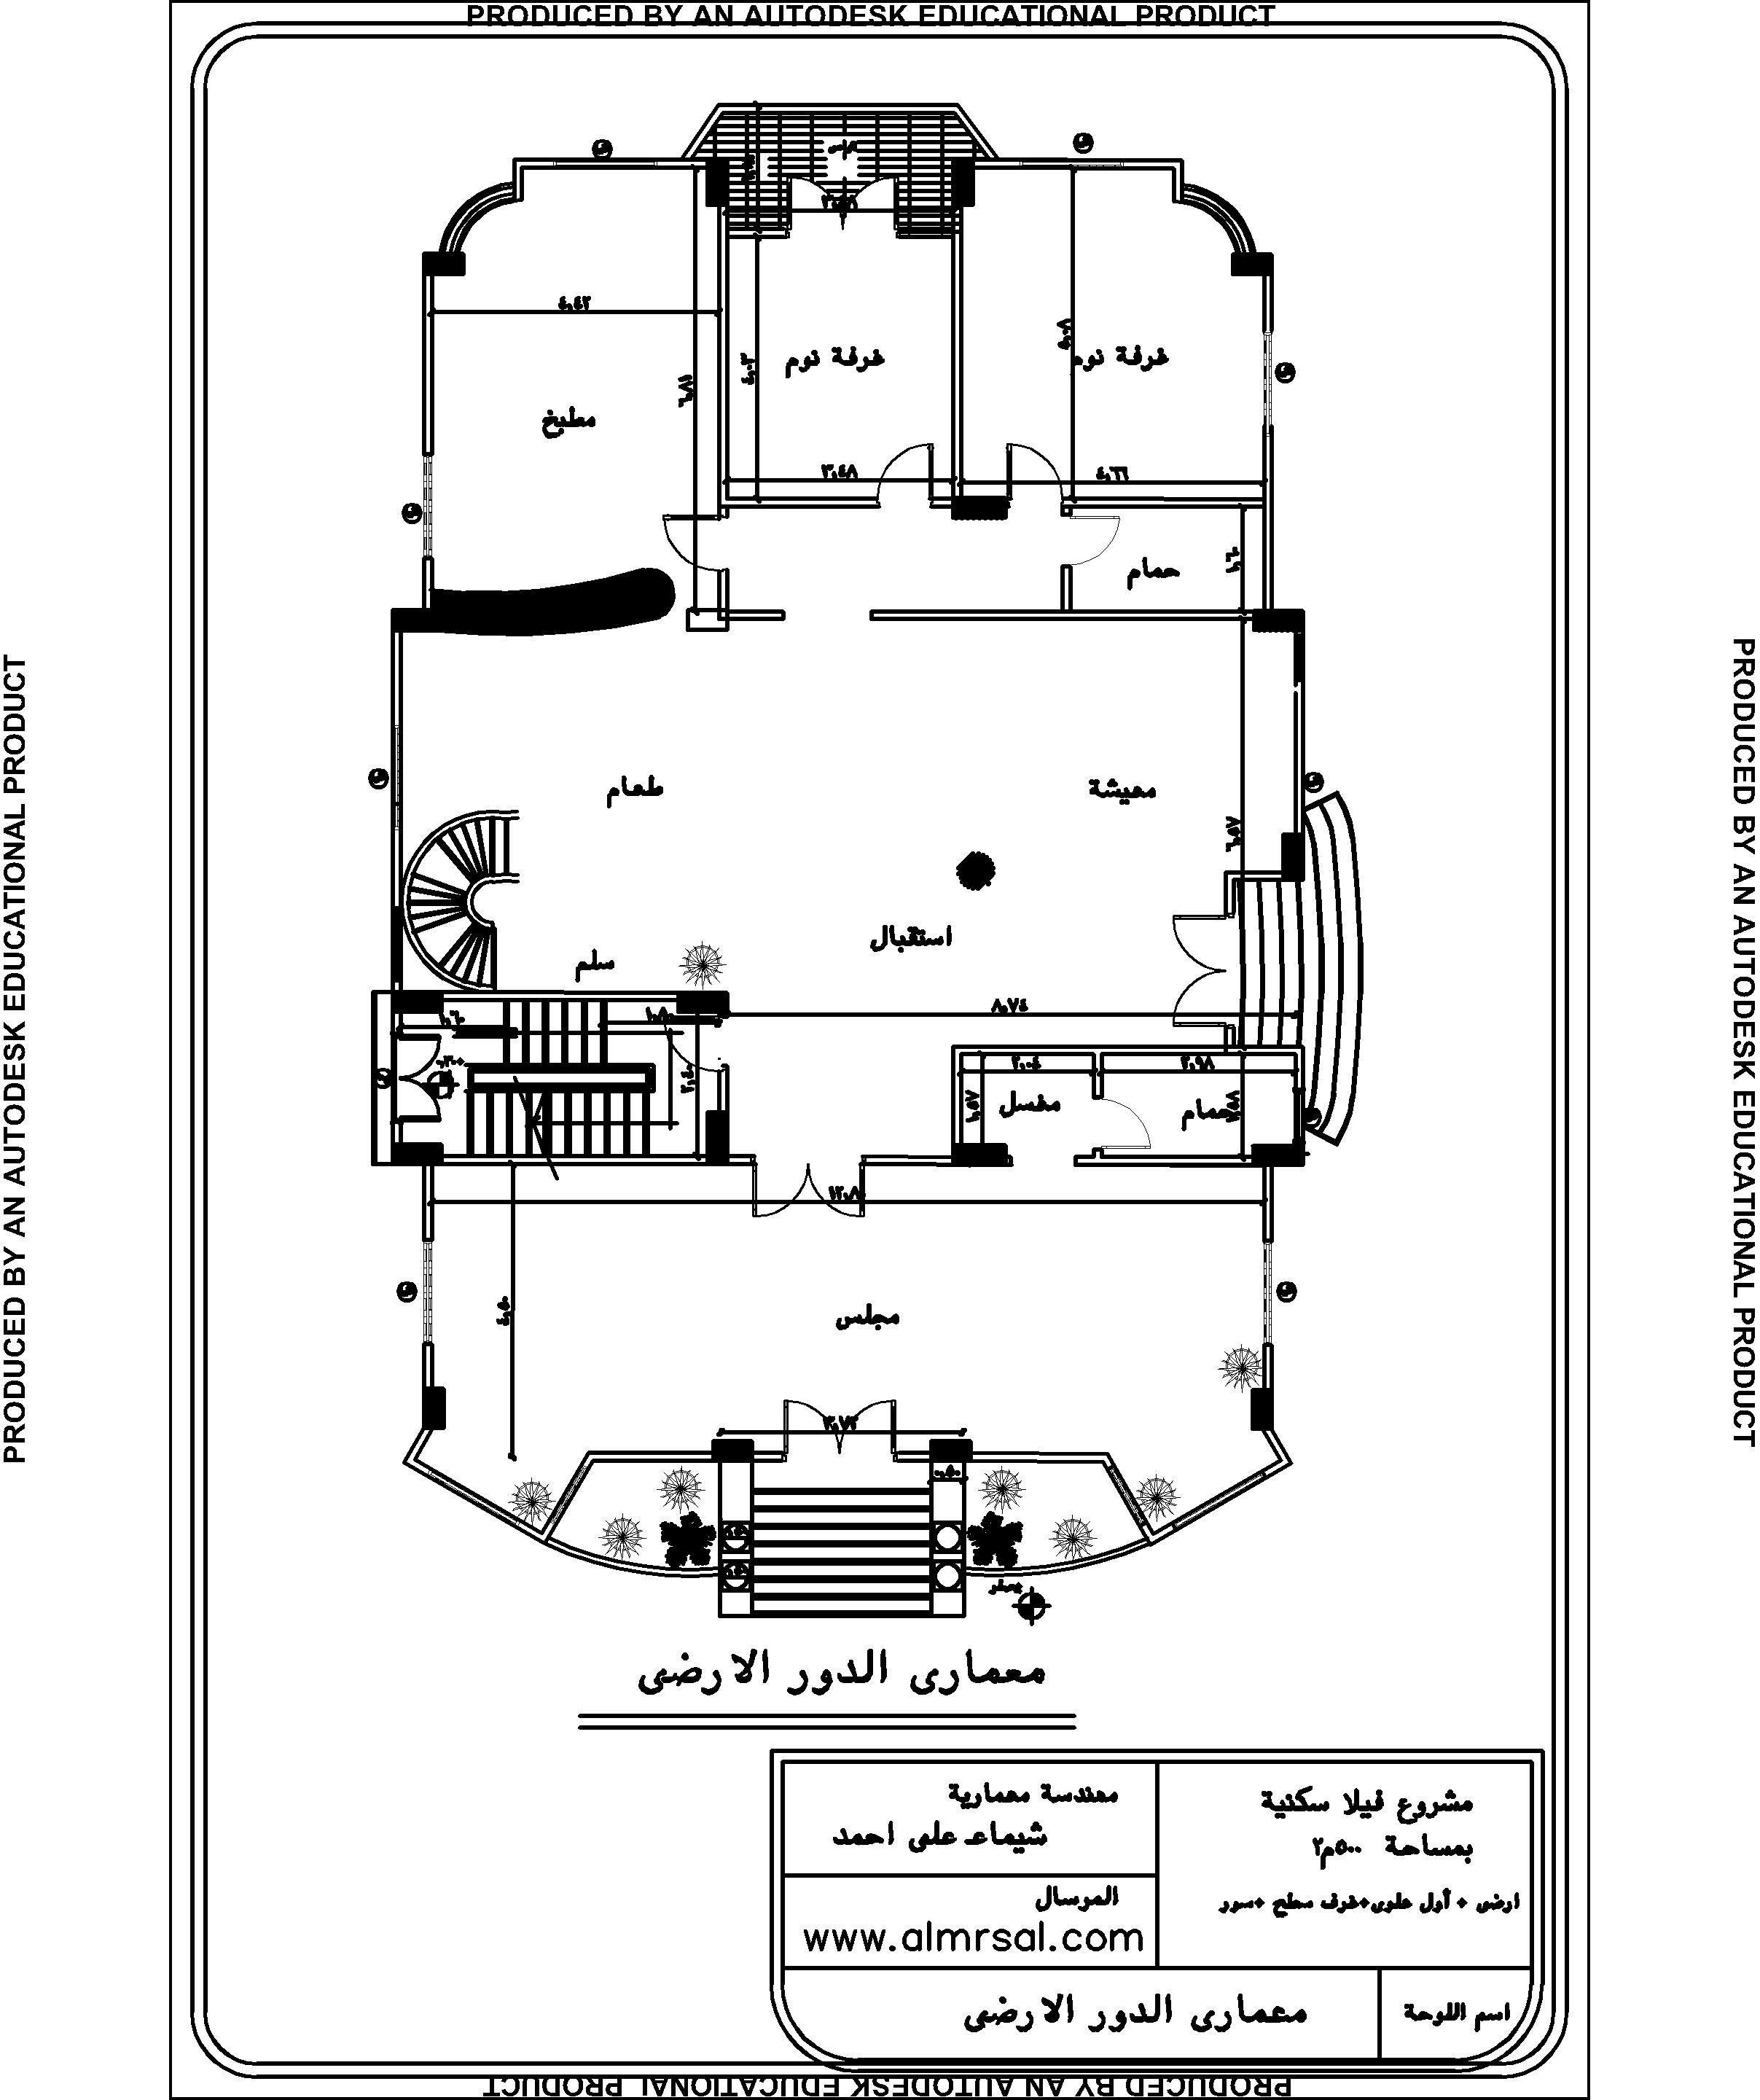 معماري الارضي لفيلا 500م2